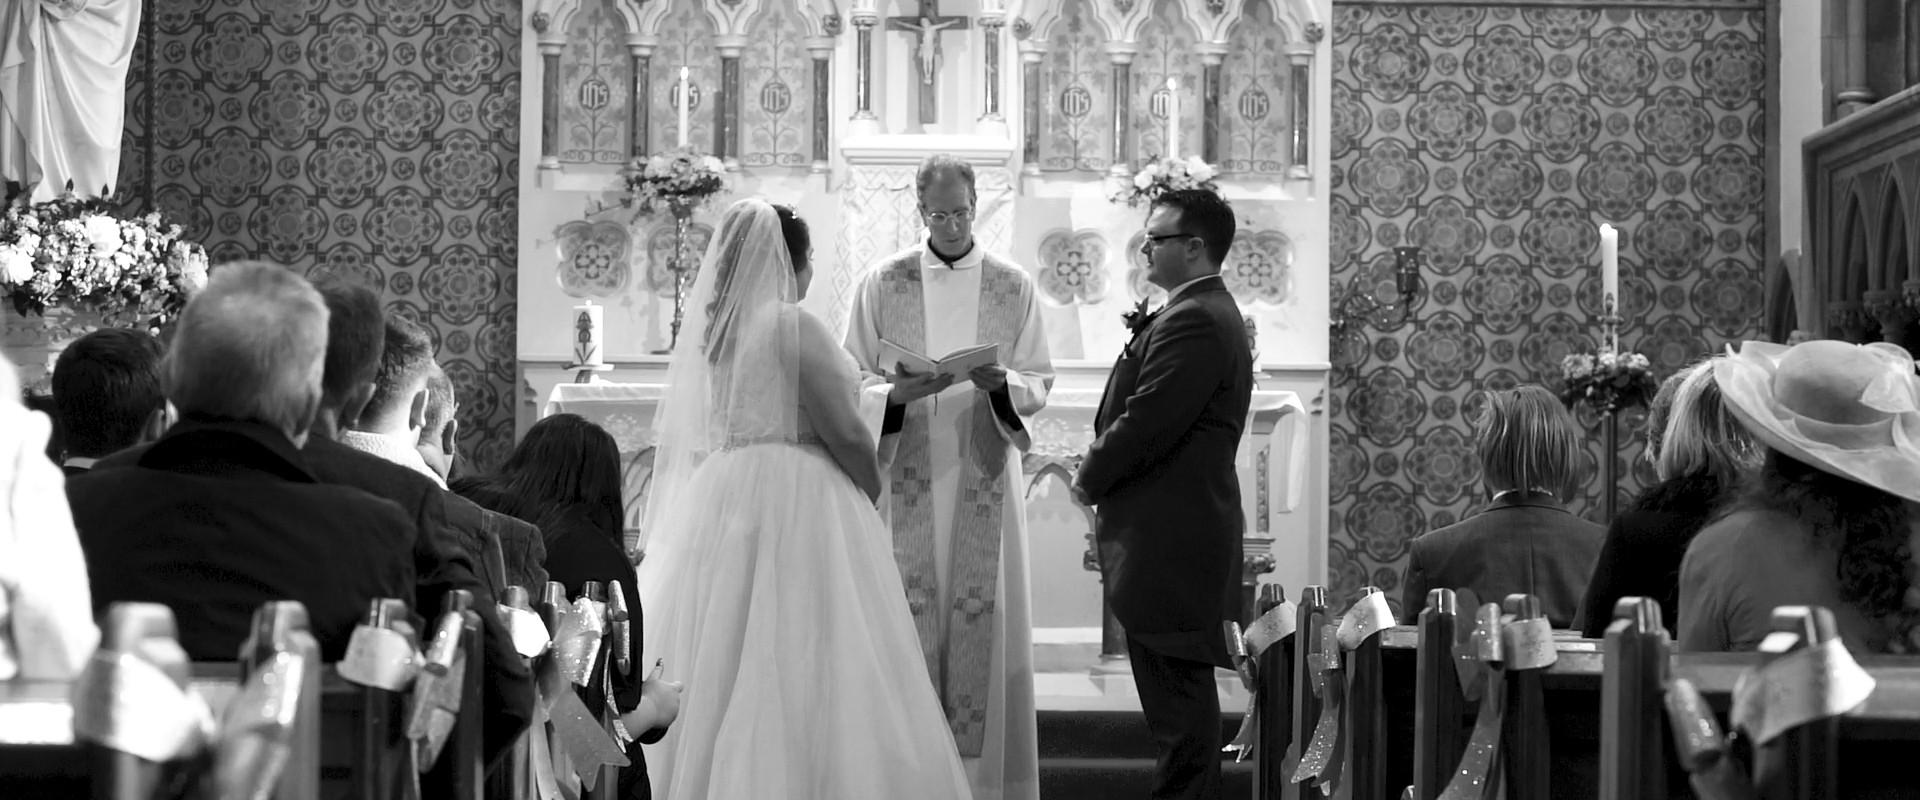 Wedding-ShortFilm-BW.00_02_27_01.Still00